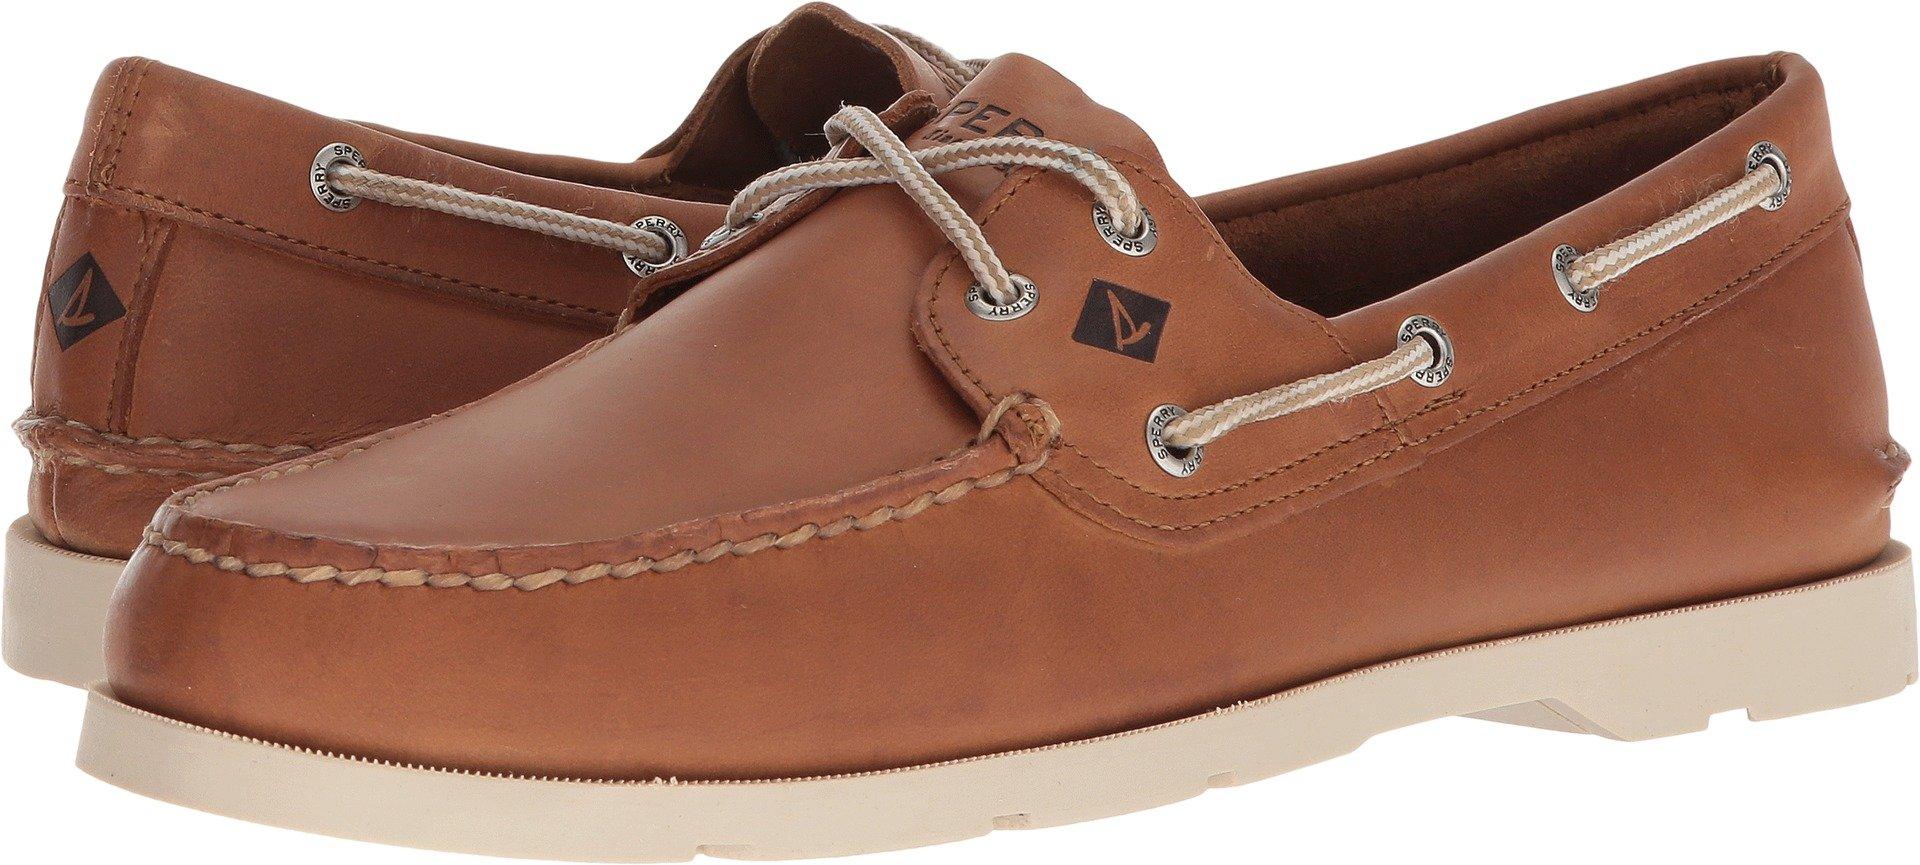 Sperry Men's, Leeward Boat Shoe TAN 10.5 M